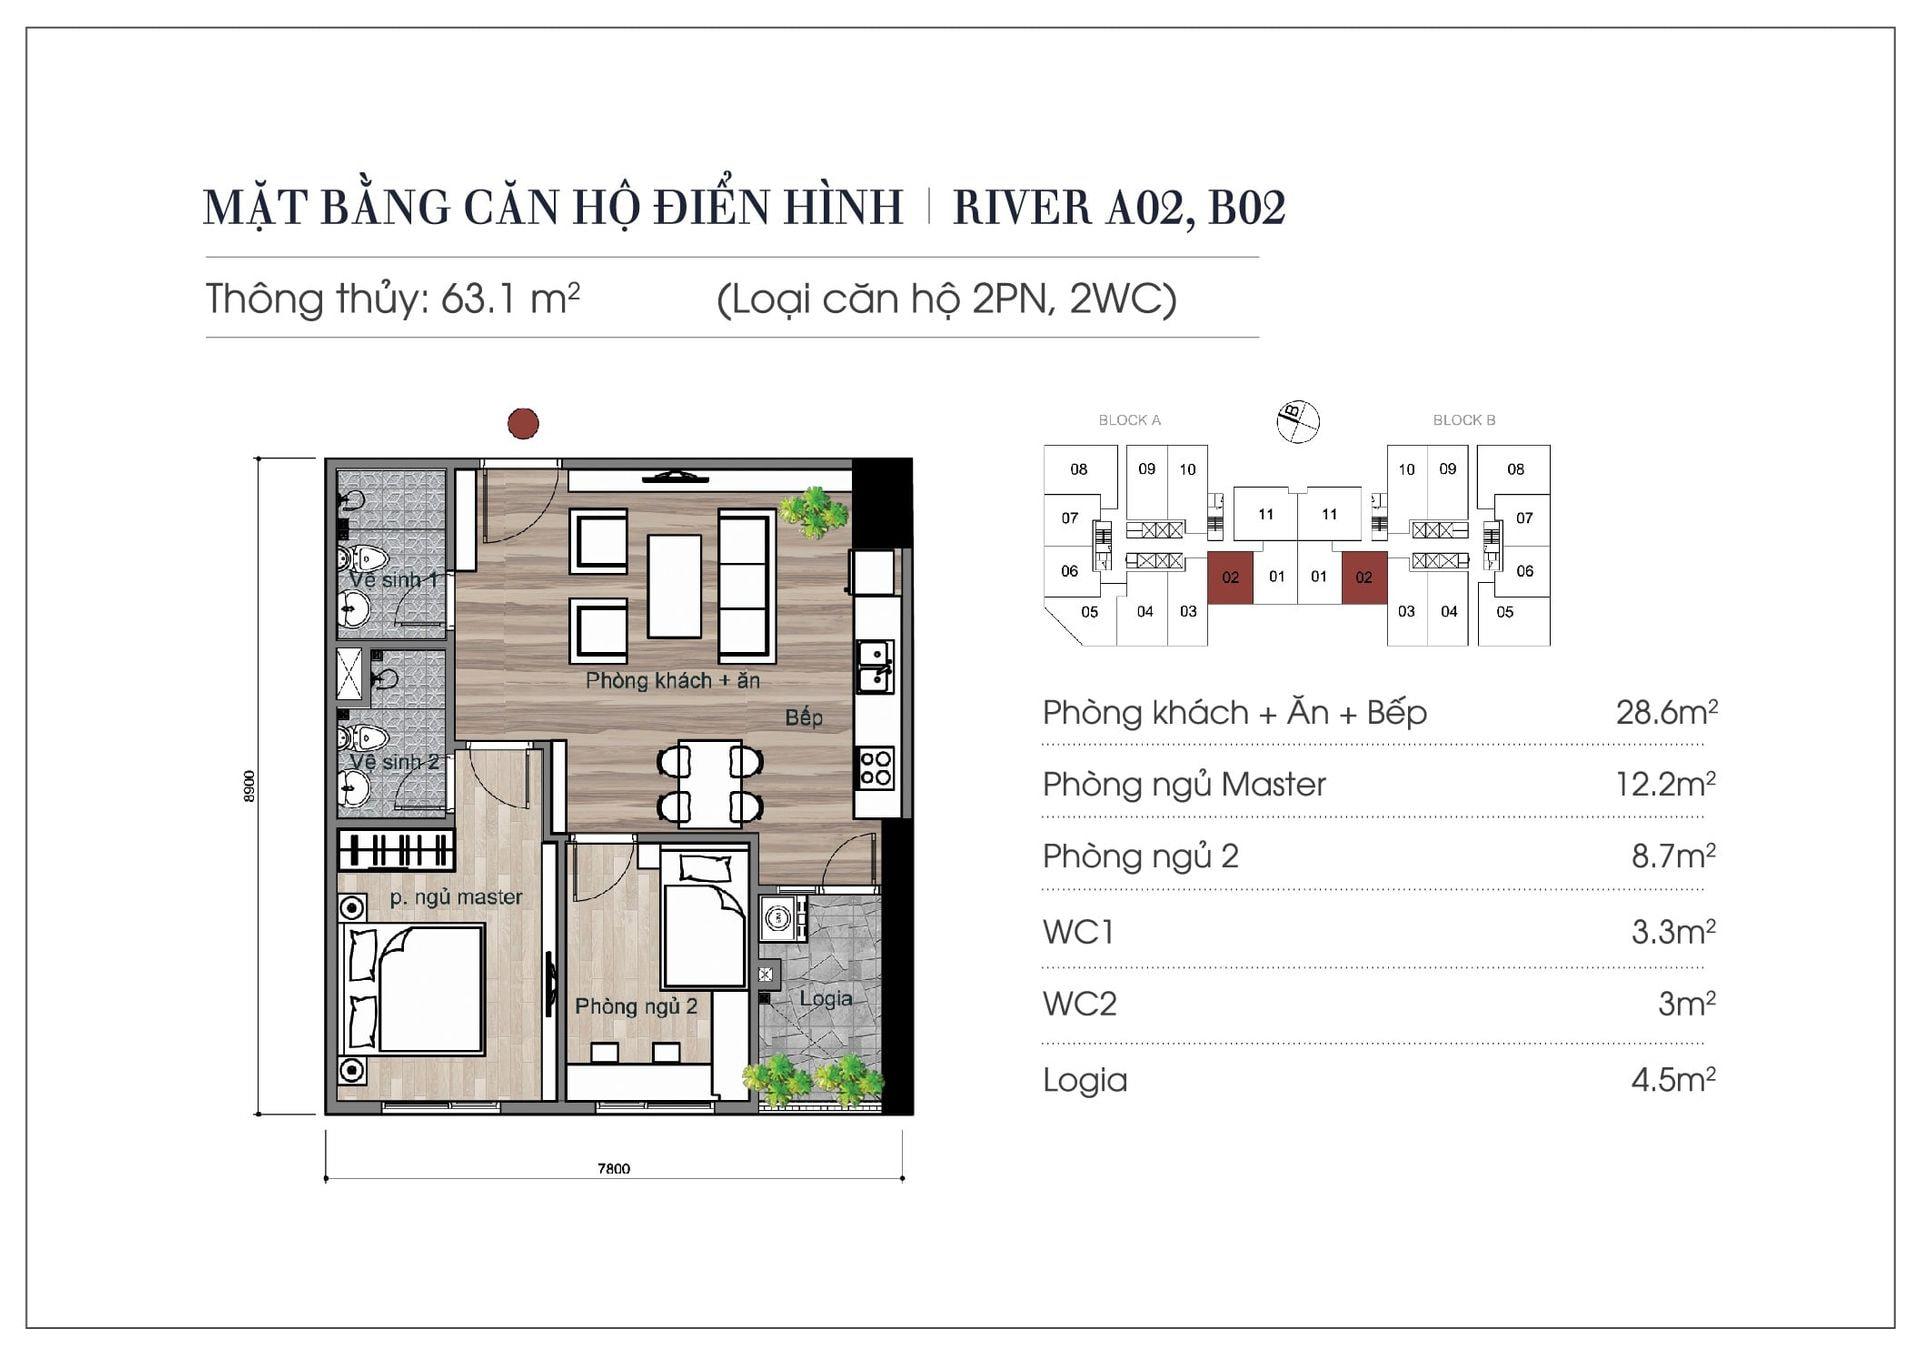 Thiết kế căn hộ 63,1 m2